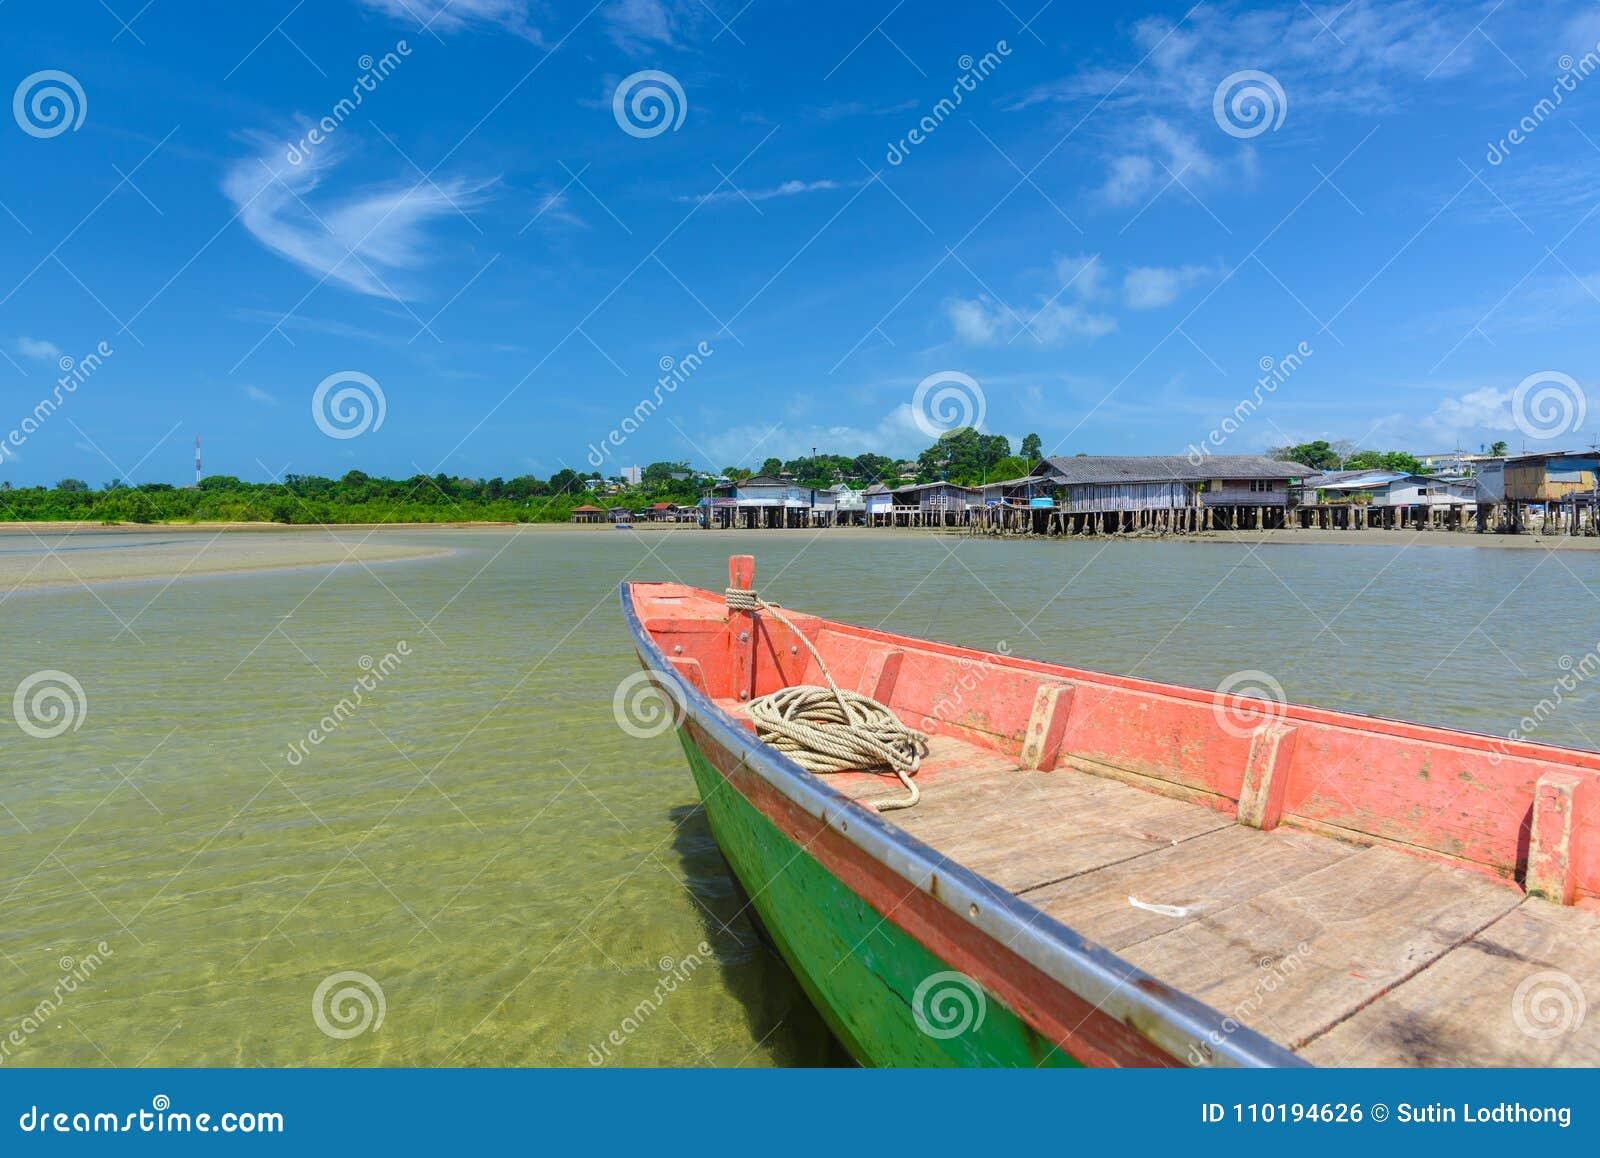 Barco de pesca parqueado en la playa